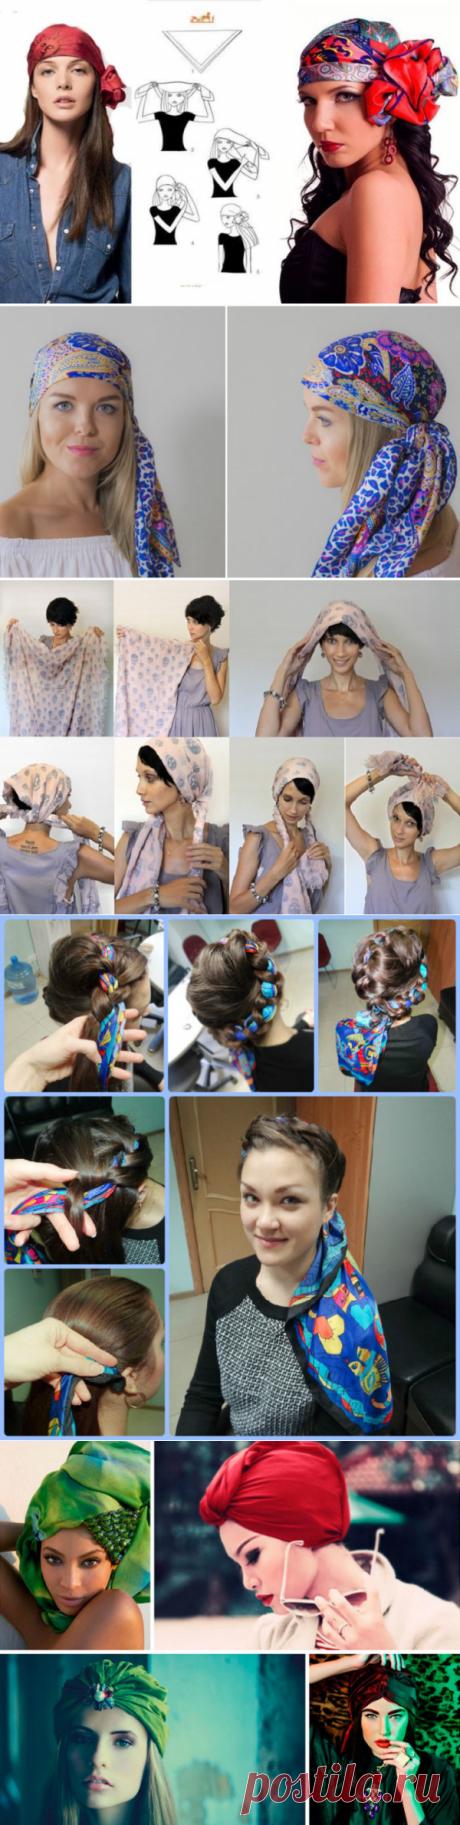 Como atar hermosamente el pañuelo sobre la cabeza en verano